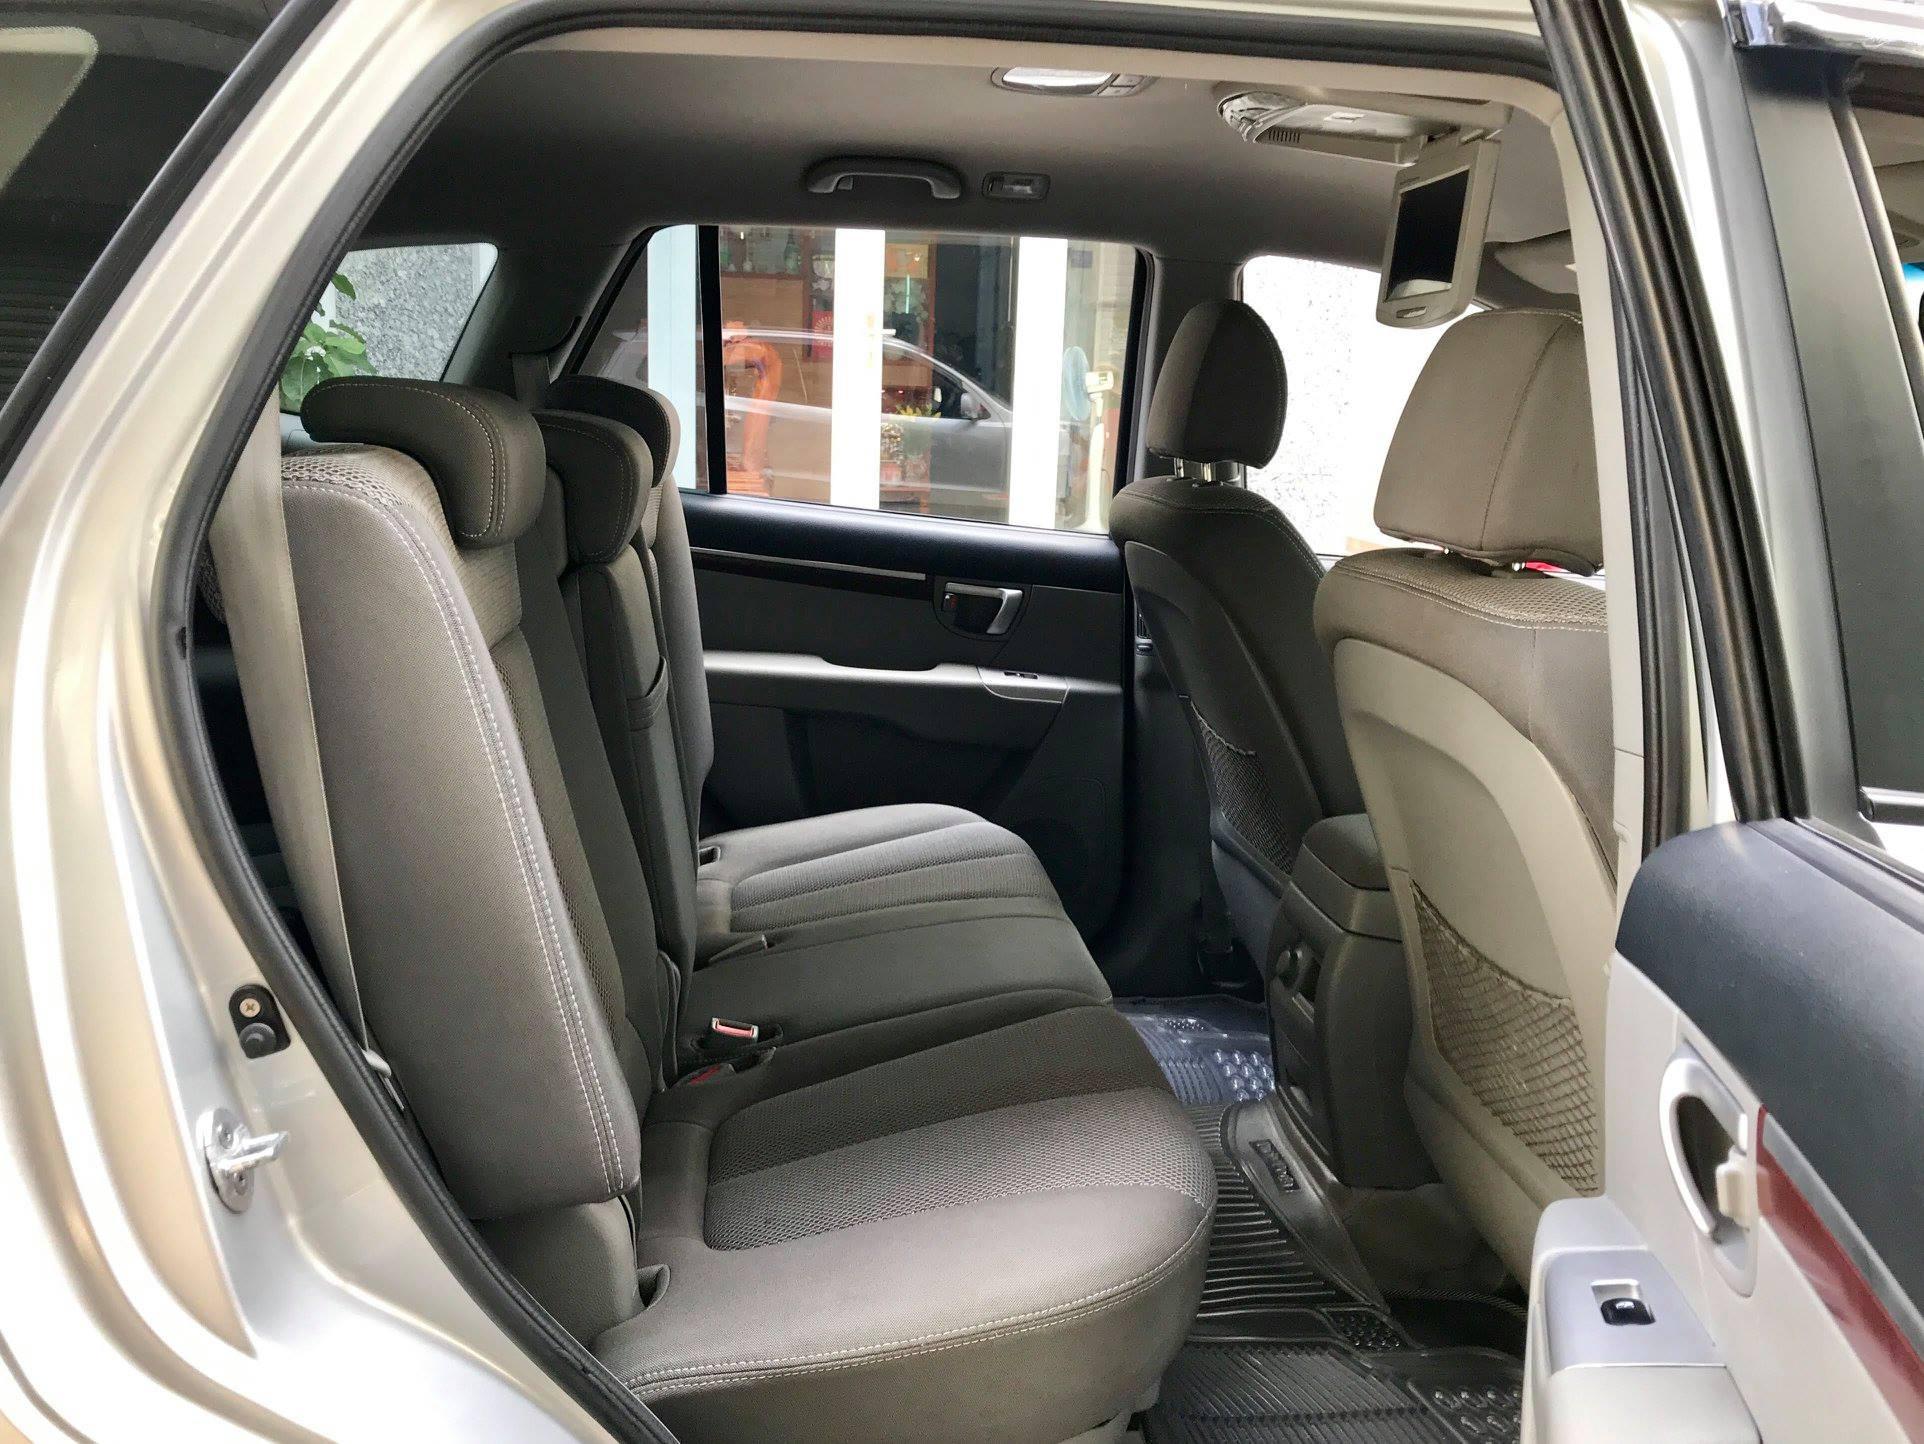 bán xe Hyundai Santafe 2009 số sàn màu bạ